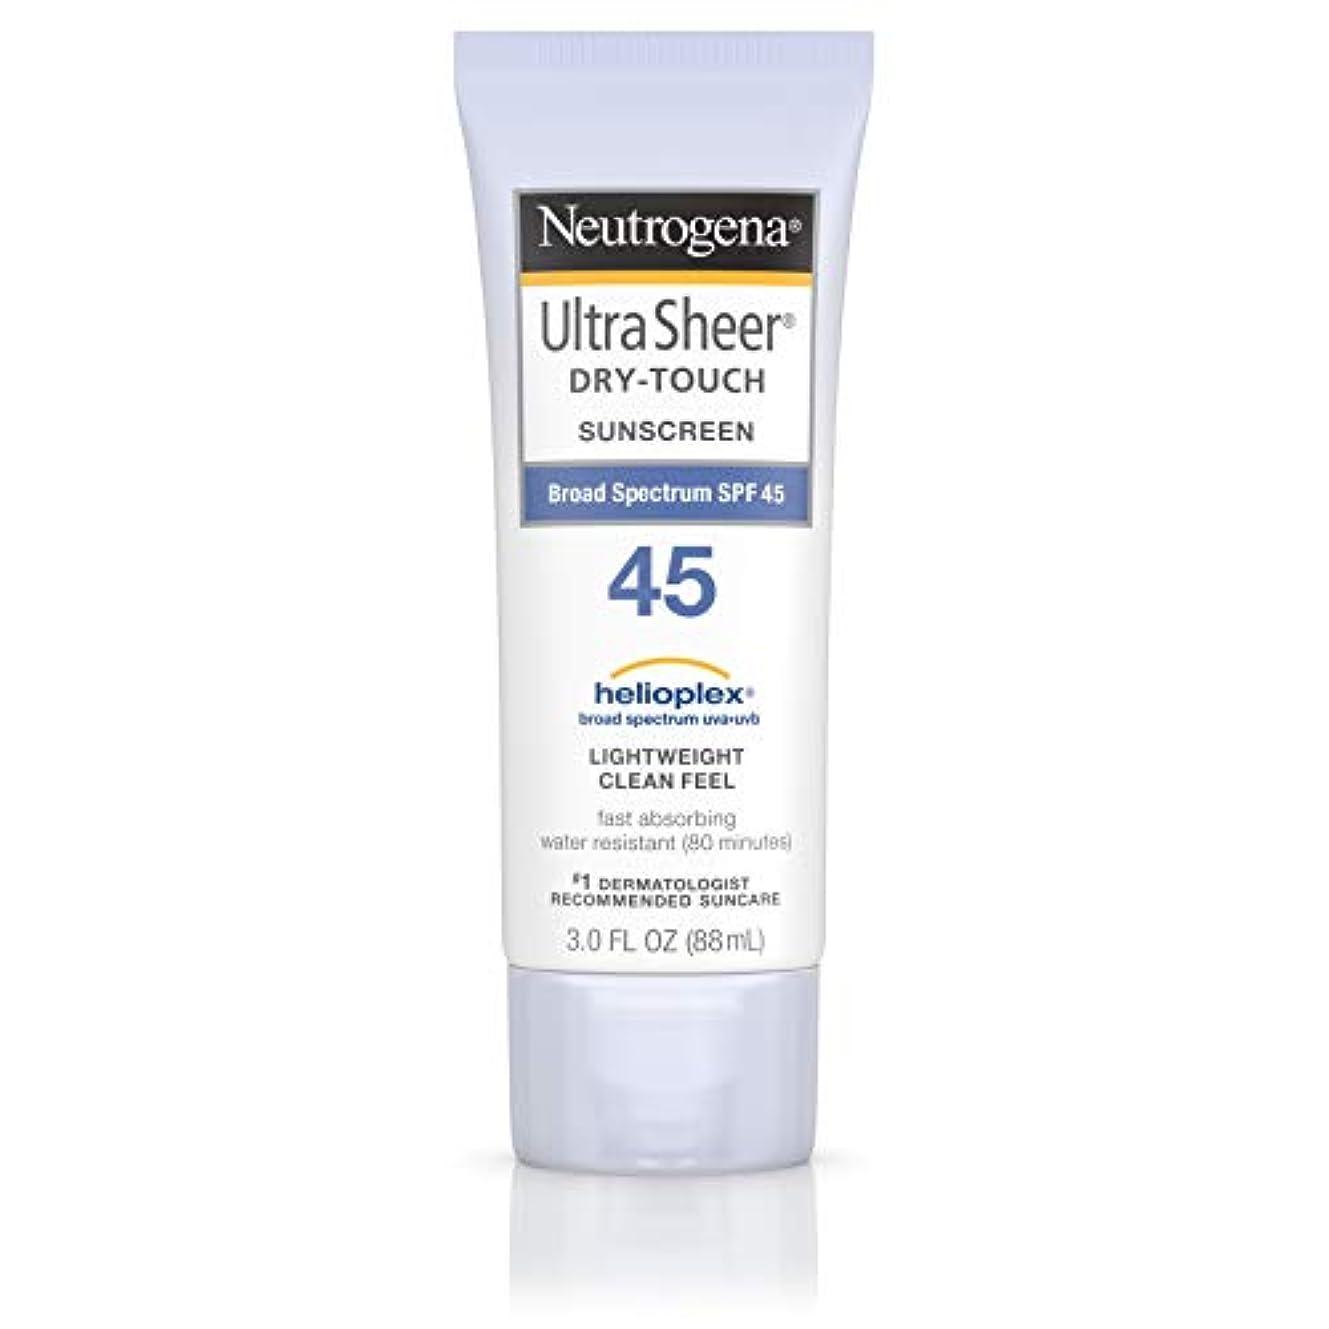 スティーブンソン情報精査する海外直送品 Neutrogena Neutrogena Ultra Sheer Dry-Touch Sunblock Spf 45【並行輸入品】